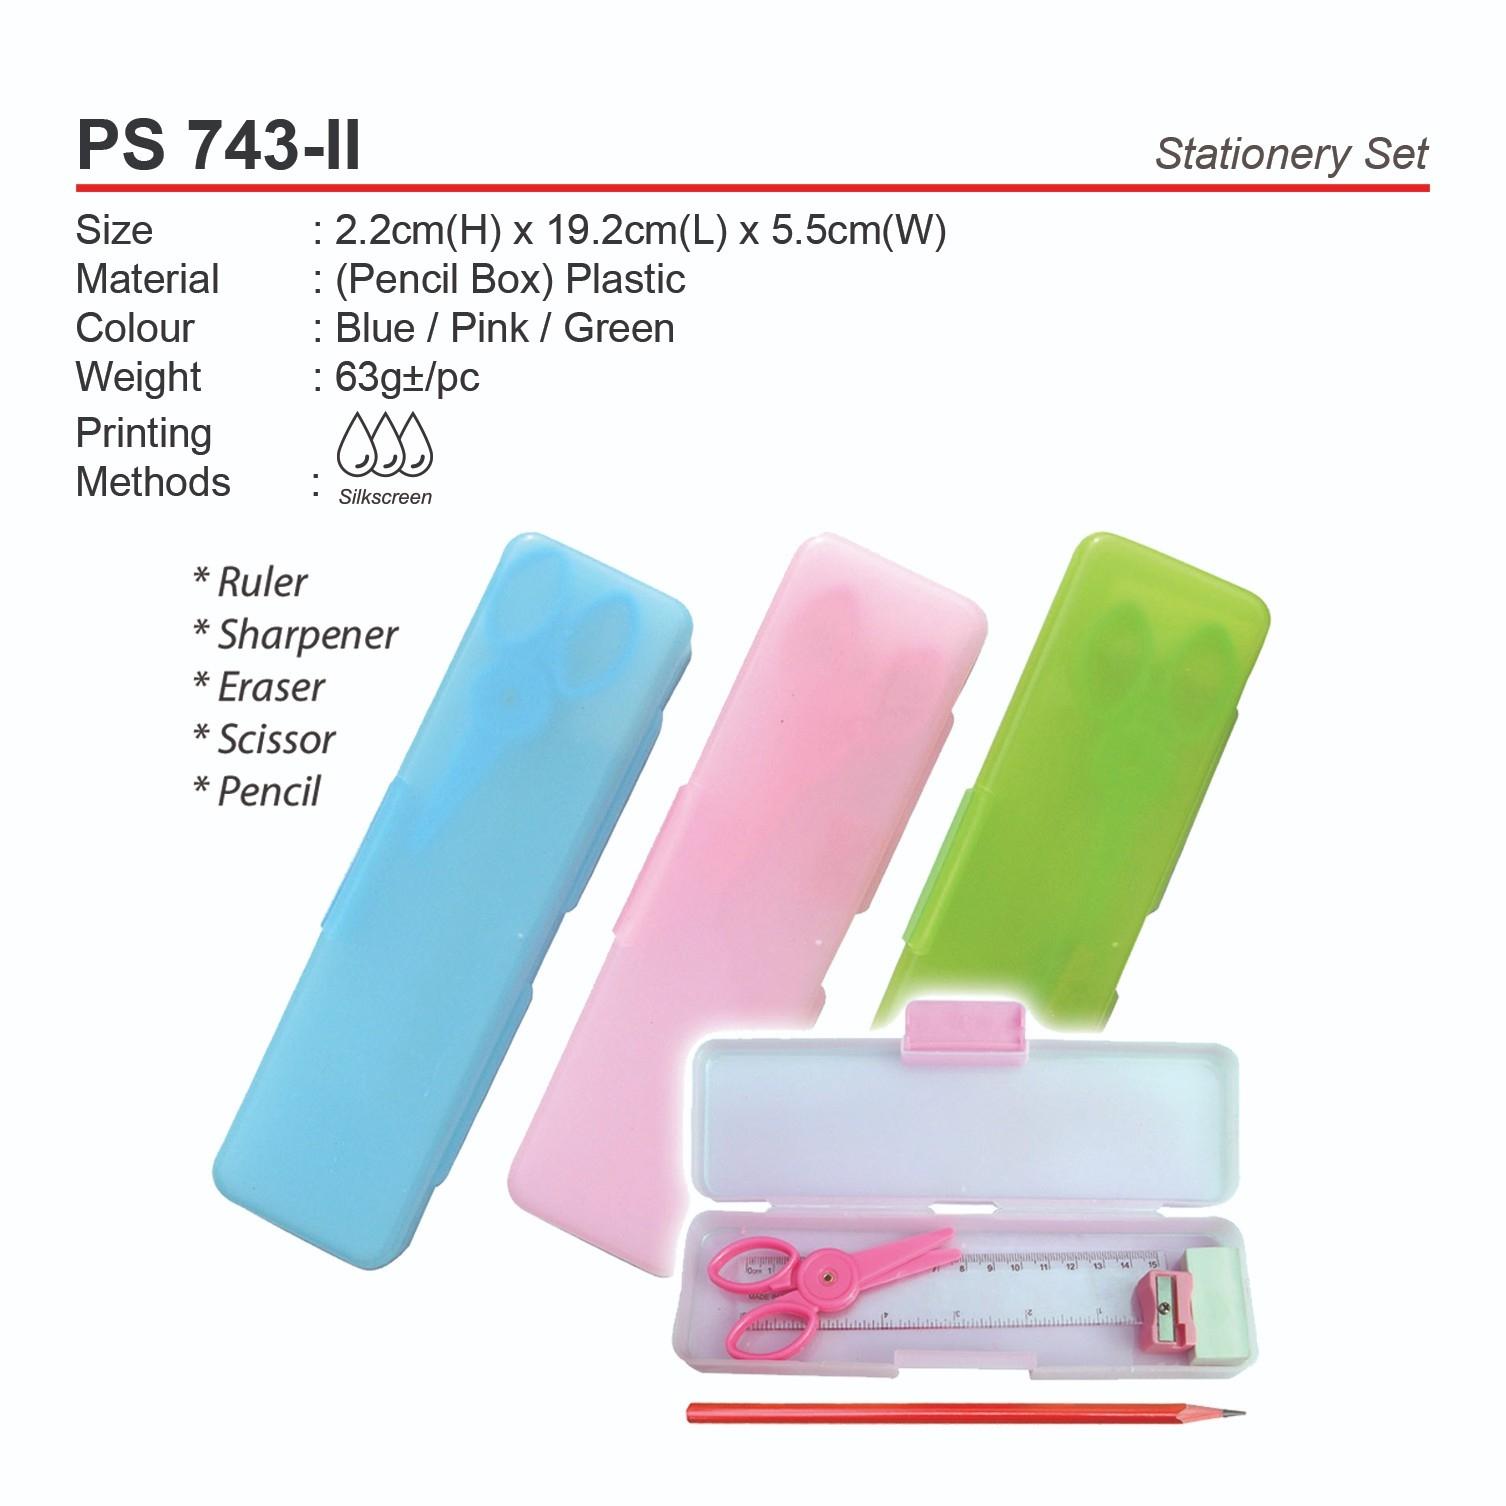 PS 743-II Stationery Set